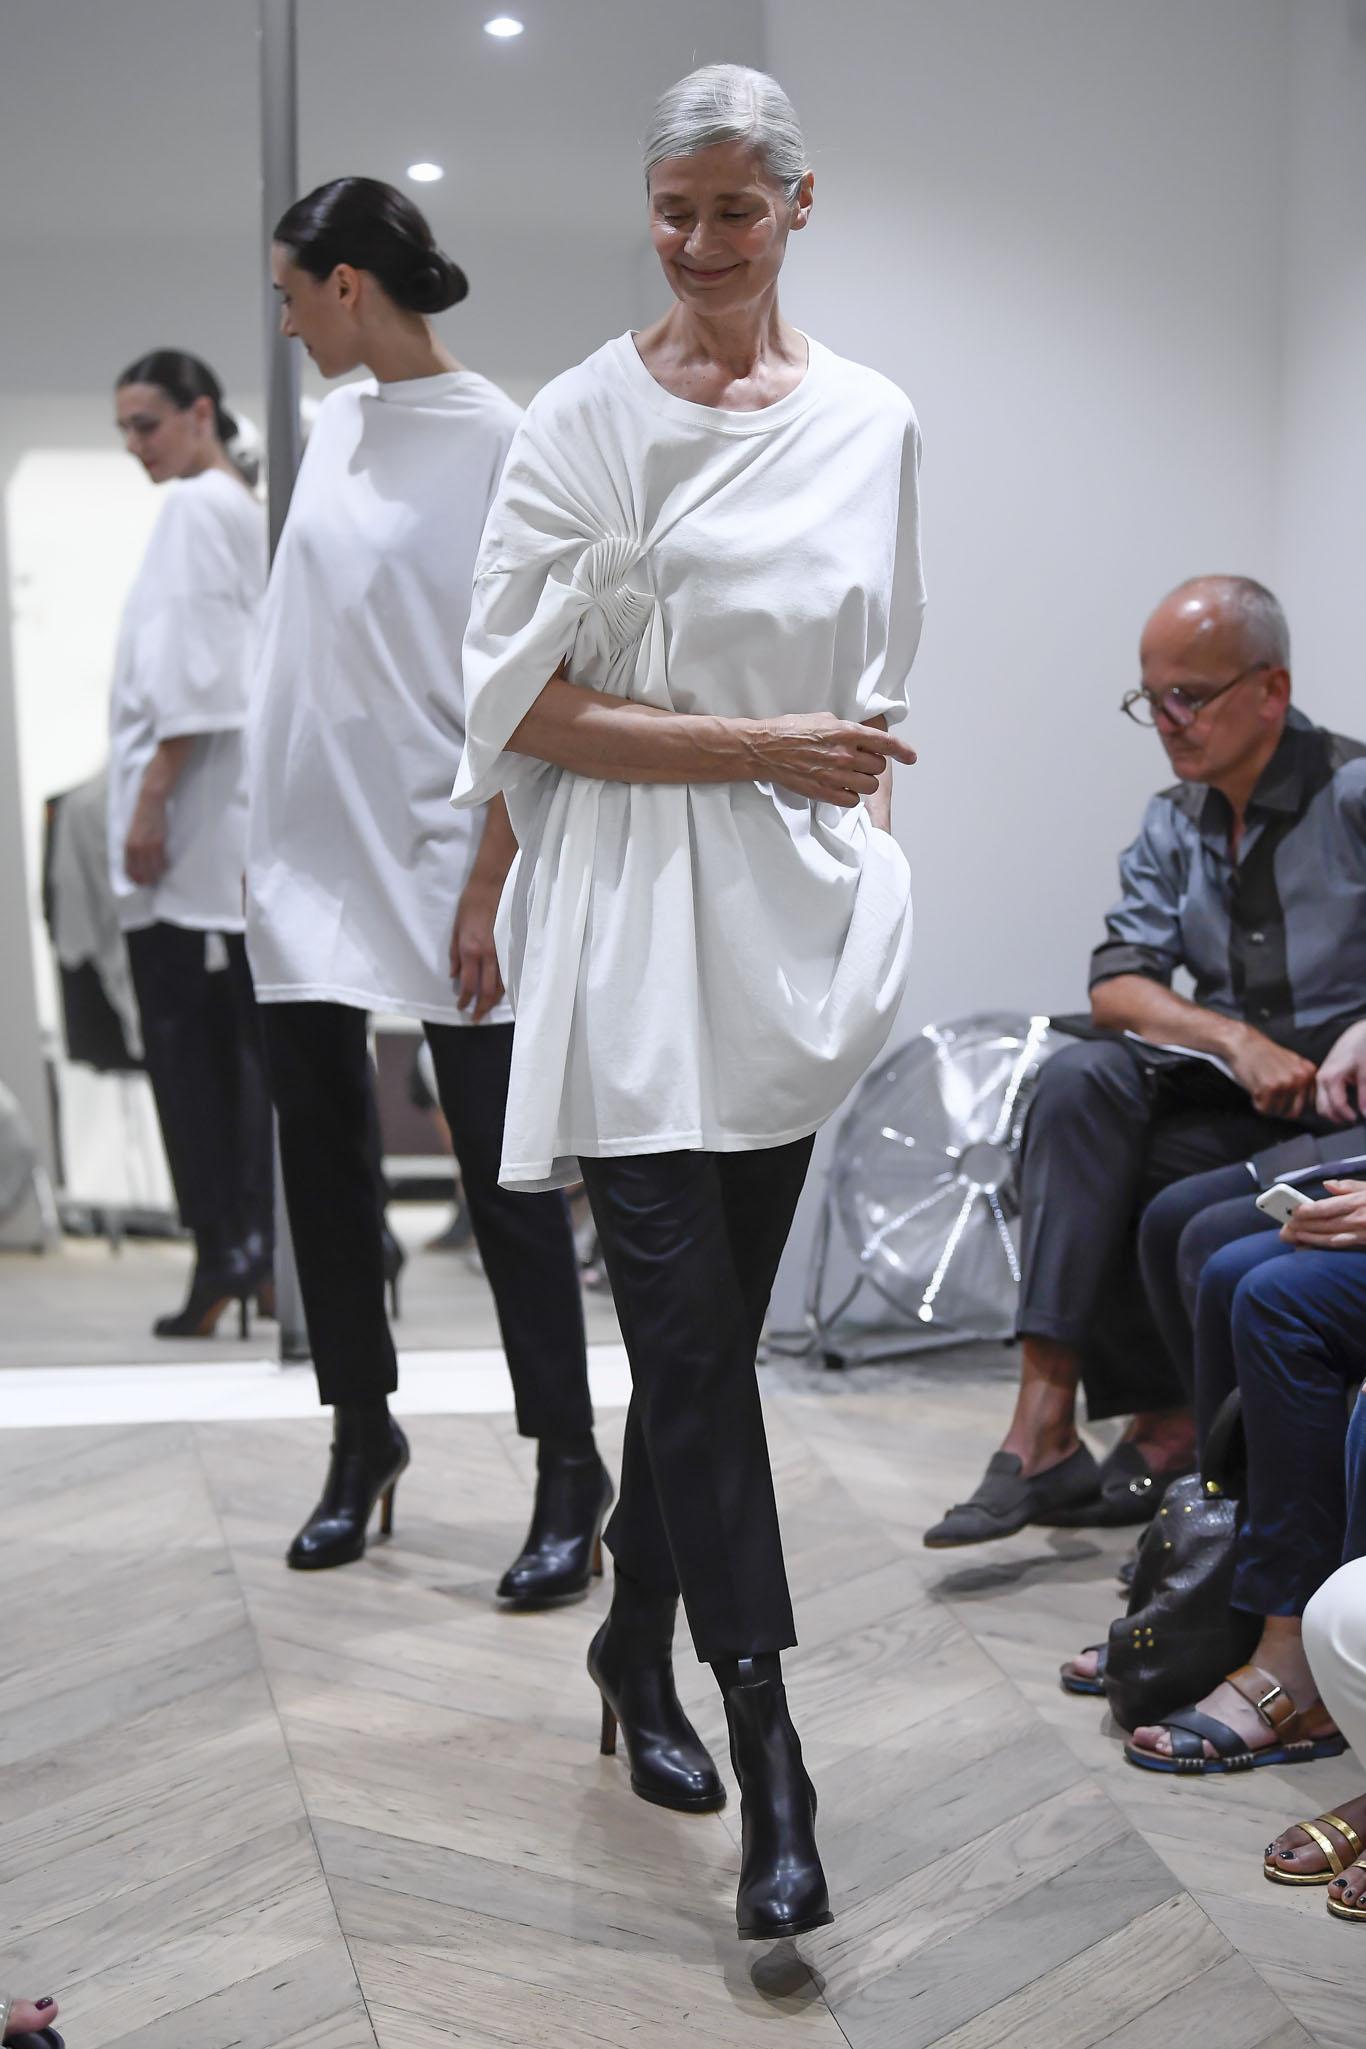 Moda Povera by Olivier Saillard Fall 2018